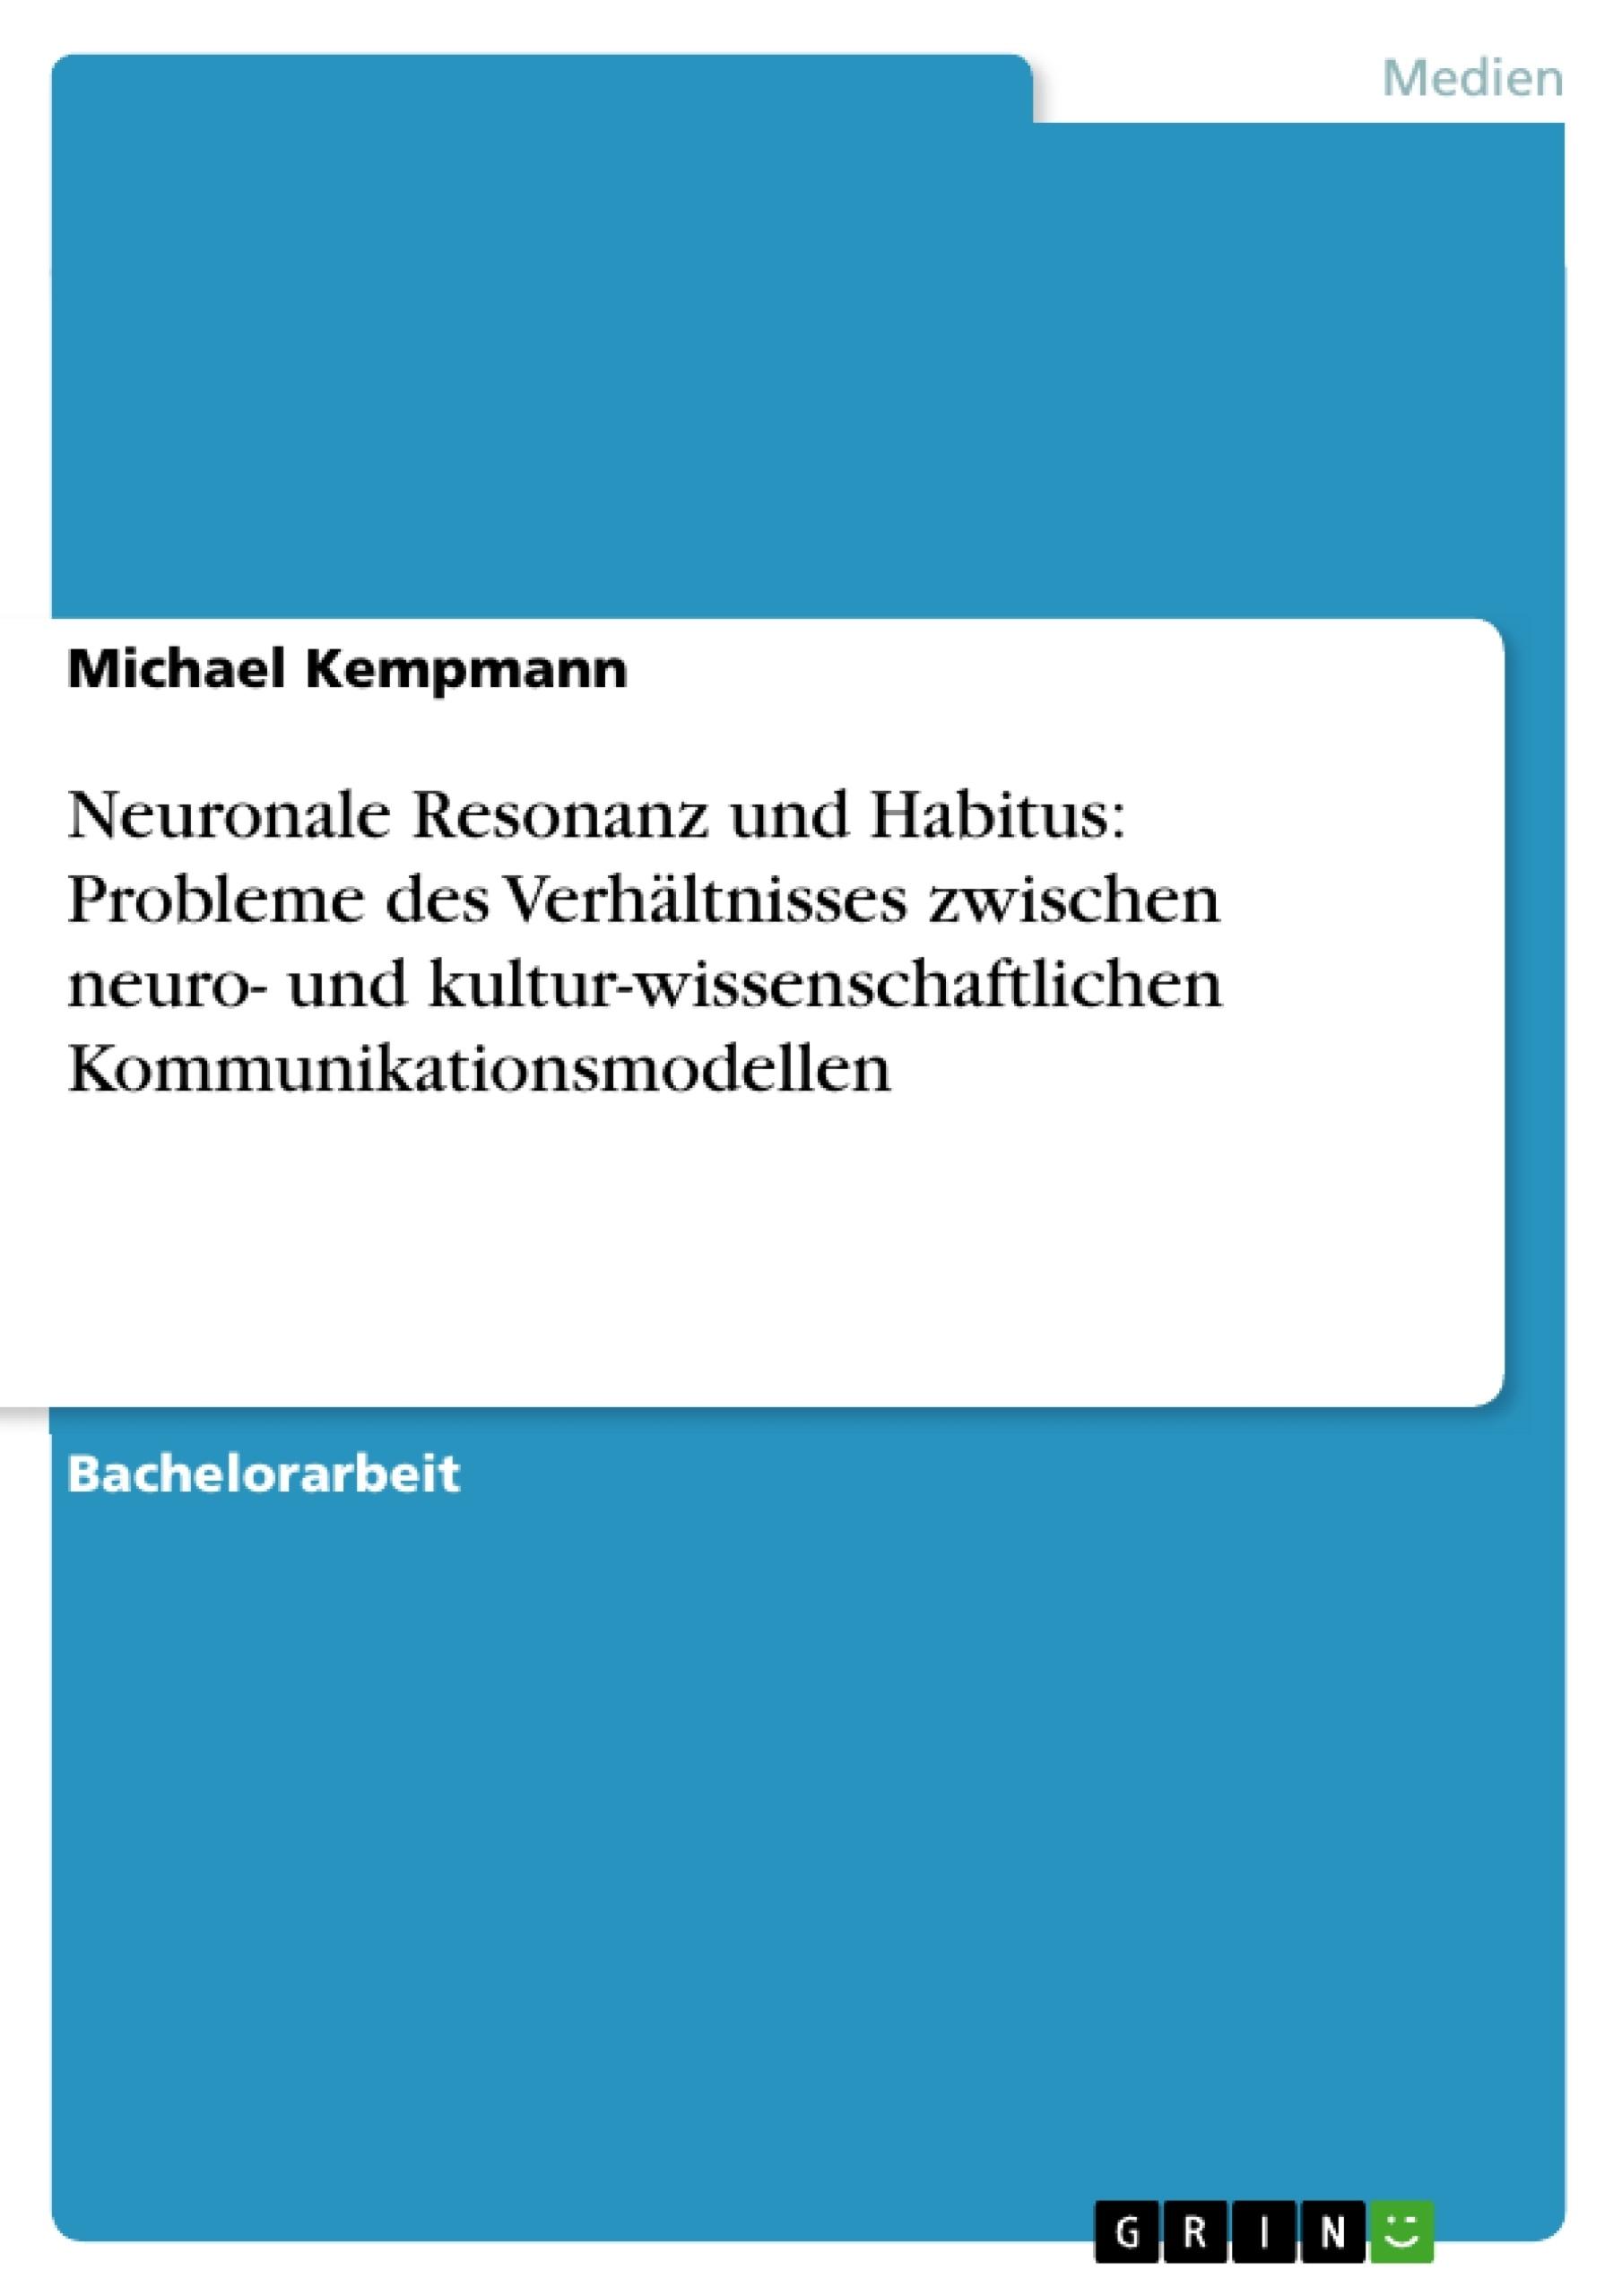 Titel: Neuronale Resonanz und Habitus: Probleme des Verhältnisses zwischen neuro- und kultur-wissenschaftlichen Kommunikationsmodellen